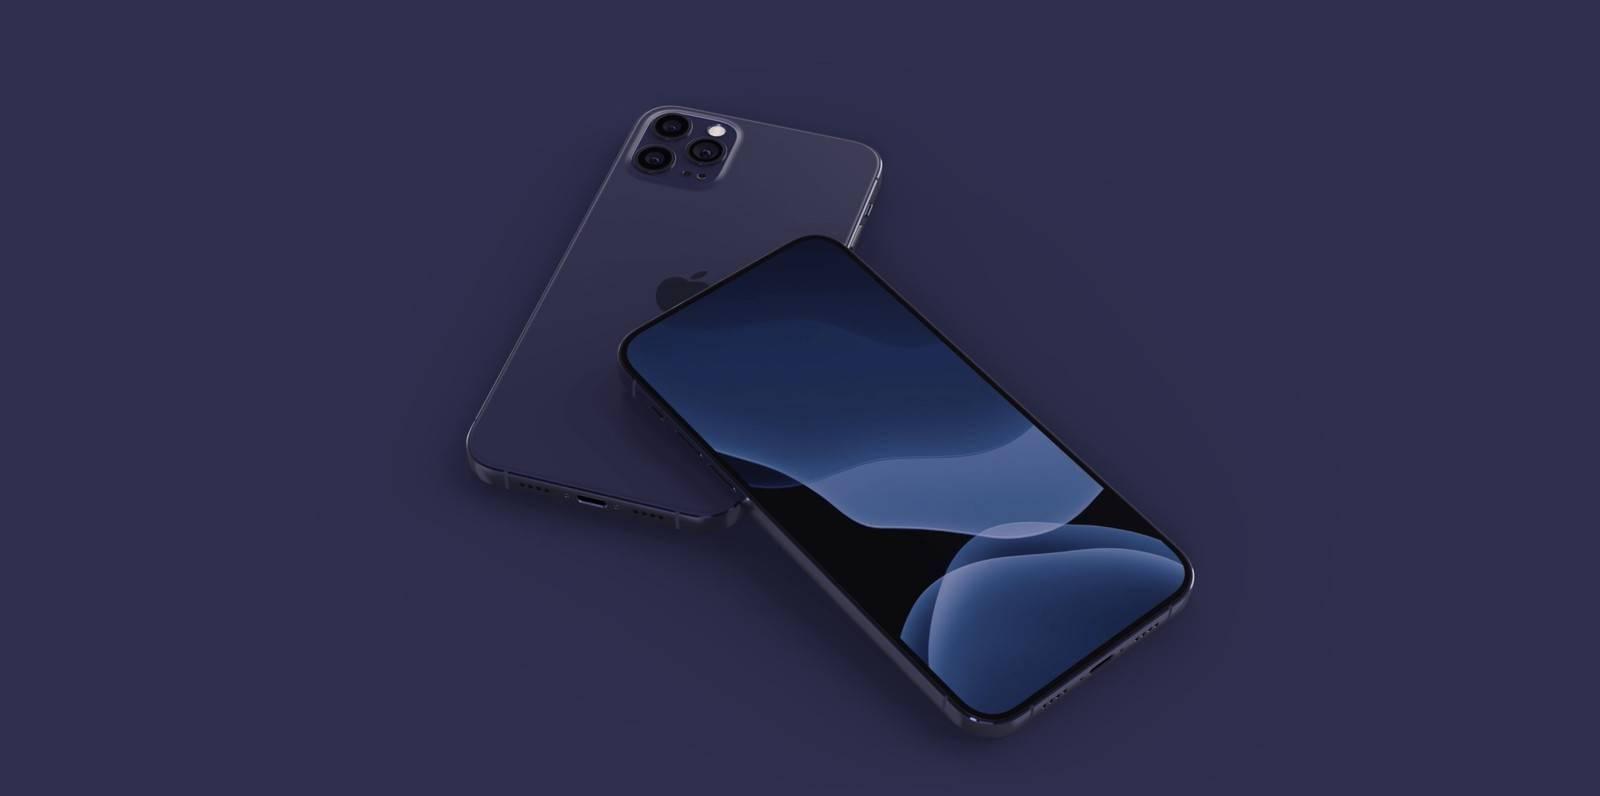 iPhone 12 Pro「深蓝色」推出将取代目前的「暗夜绿」